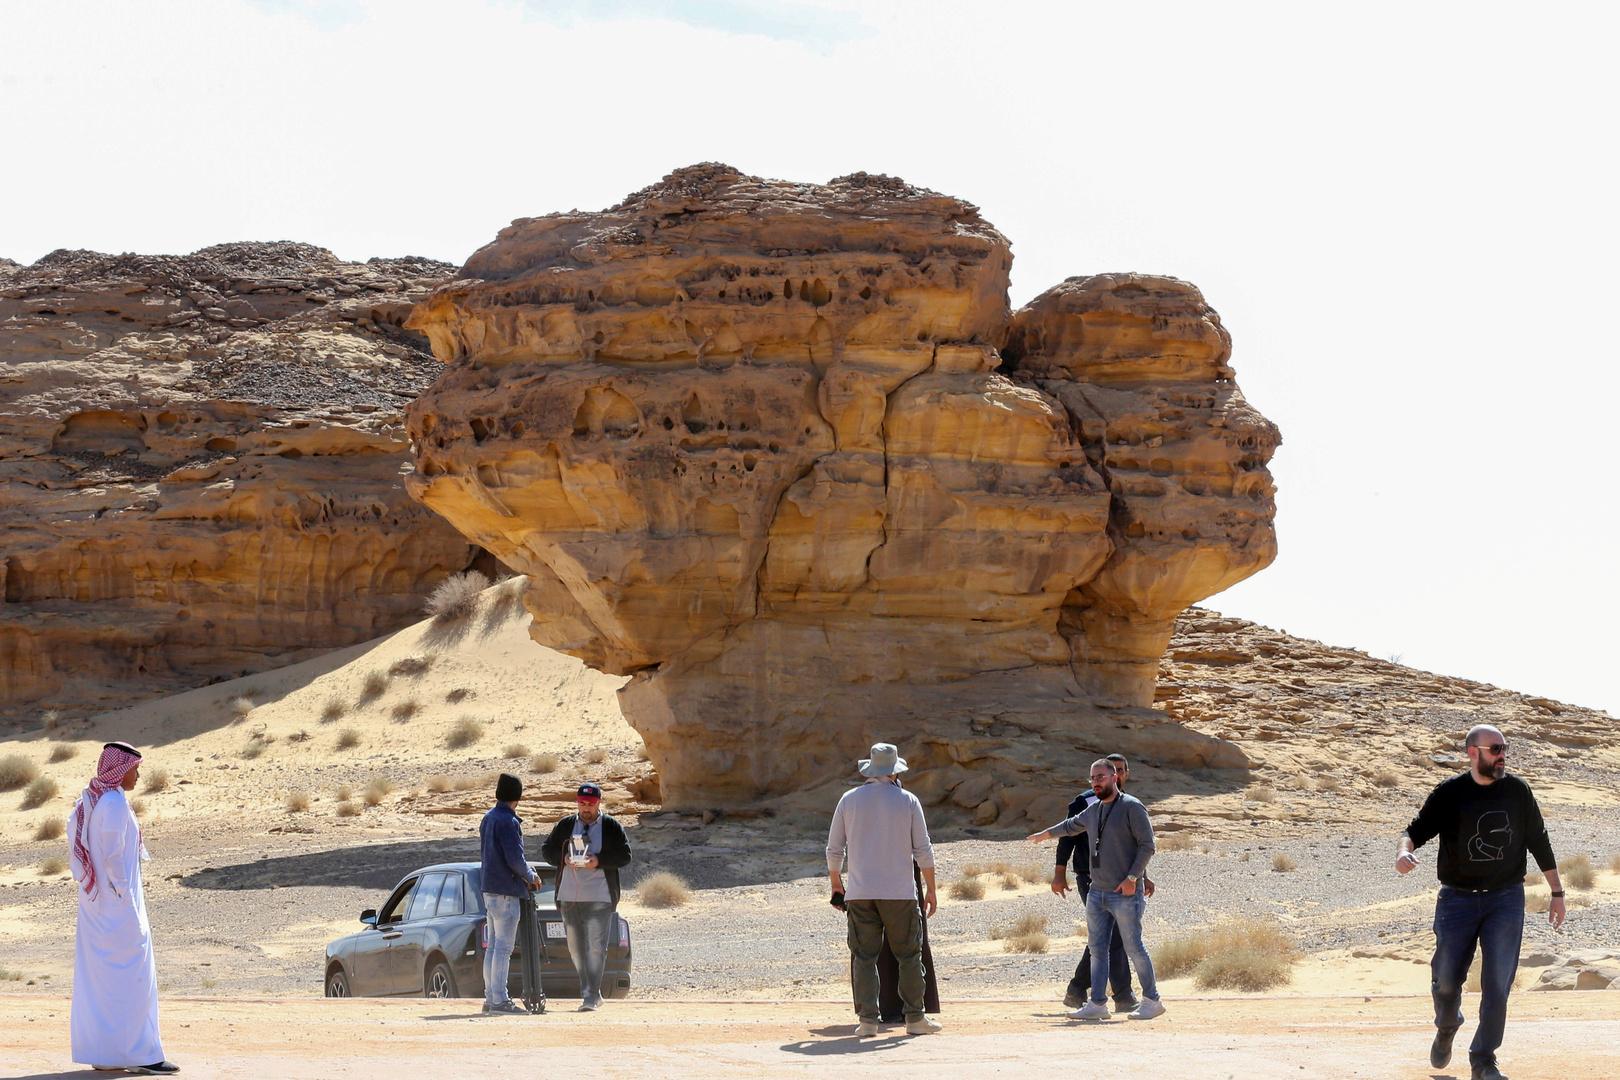 هيئة التراث السعودية تبدأ التنقيب في موقع ضرية الأثري بالقصيم